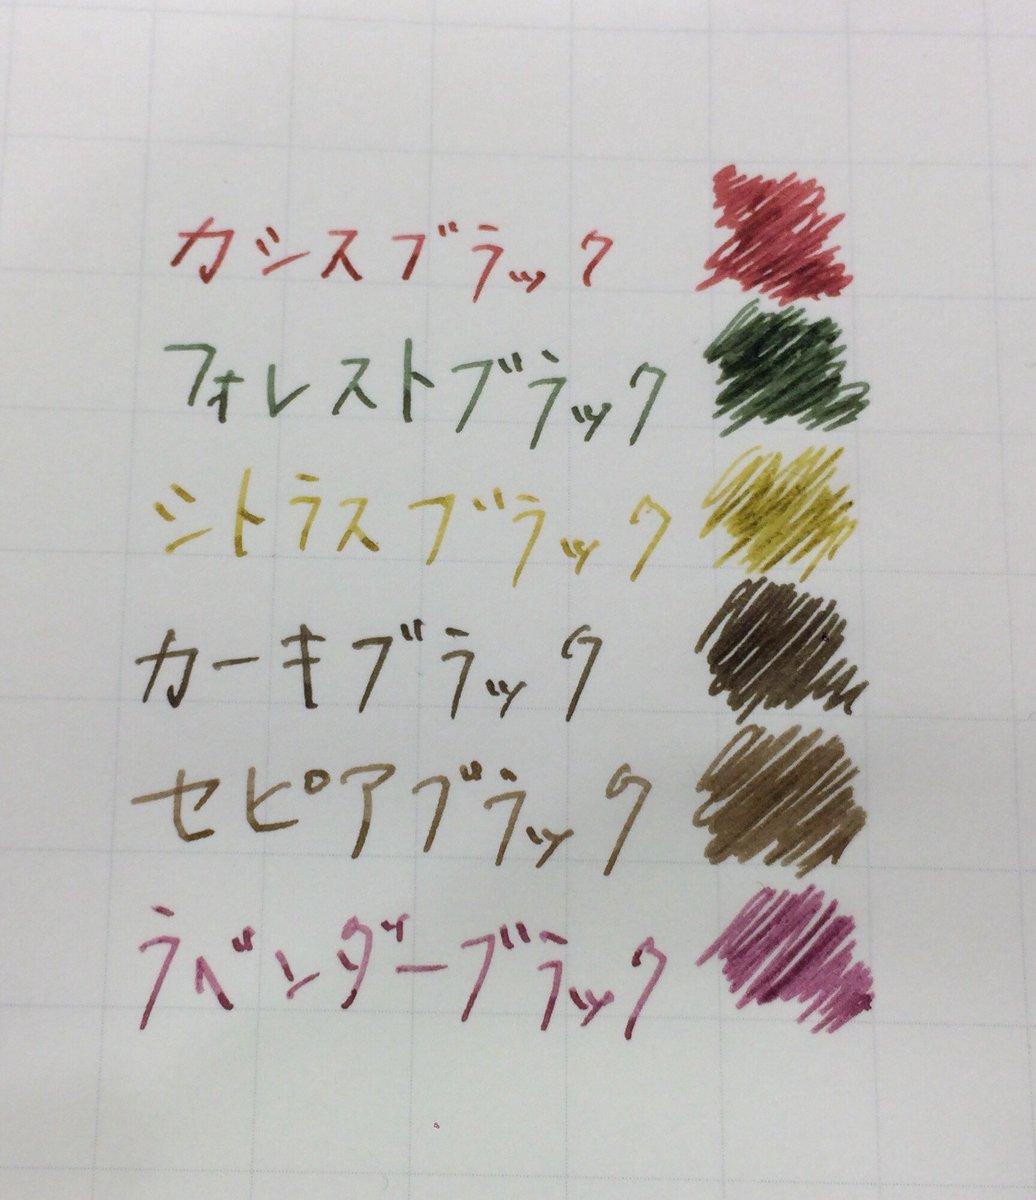 インク 古典 小日向京のひねもす文房具 第七十七回「プラチナ万年筆 古典インク